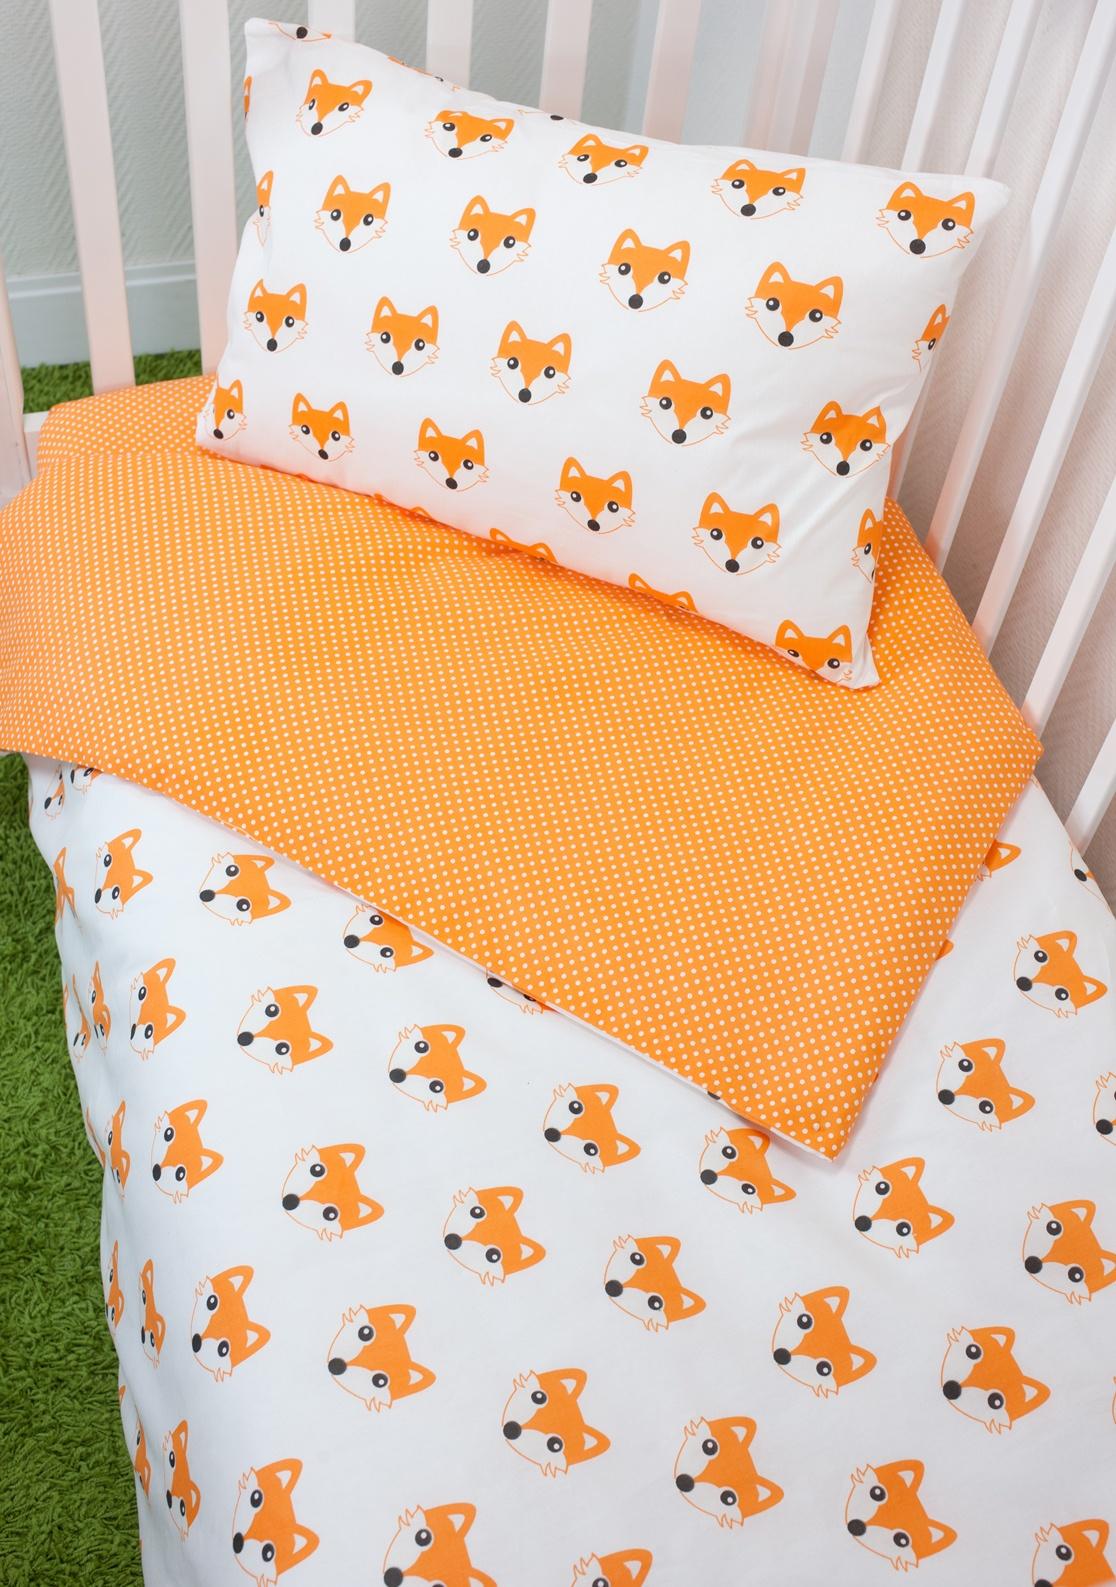 Комплект постельного белья для малышей MagicCity Апельсиновый Лис комплект постельного белья облачко дельфин в детскую кроватку с простынью на резинке 186903